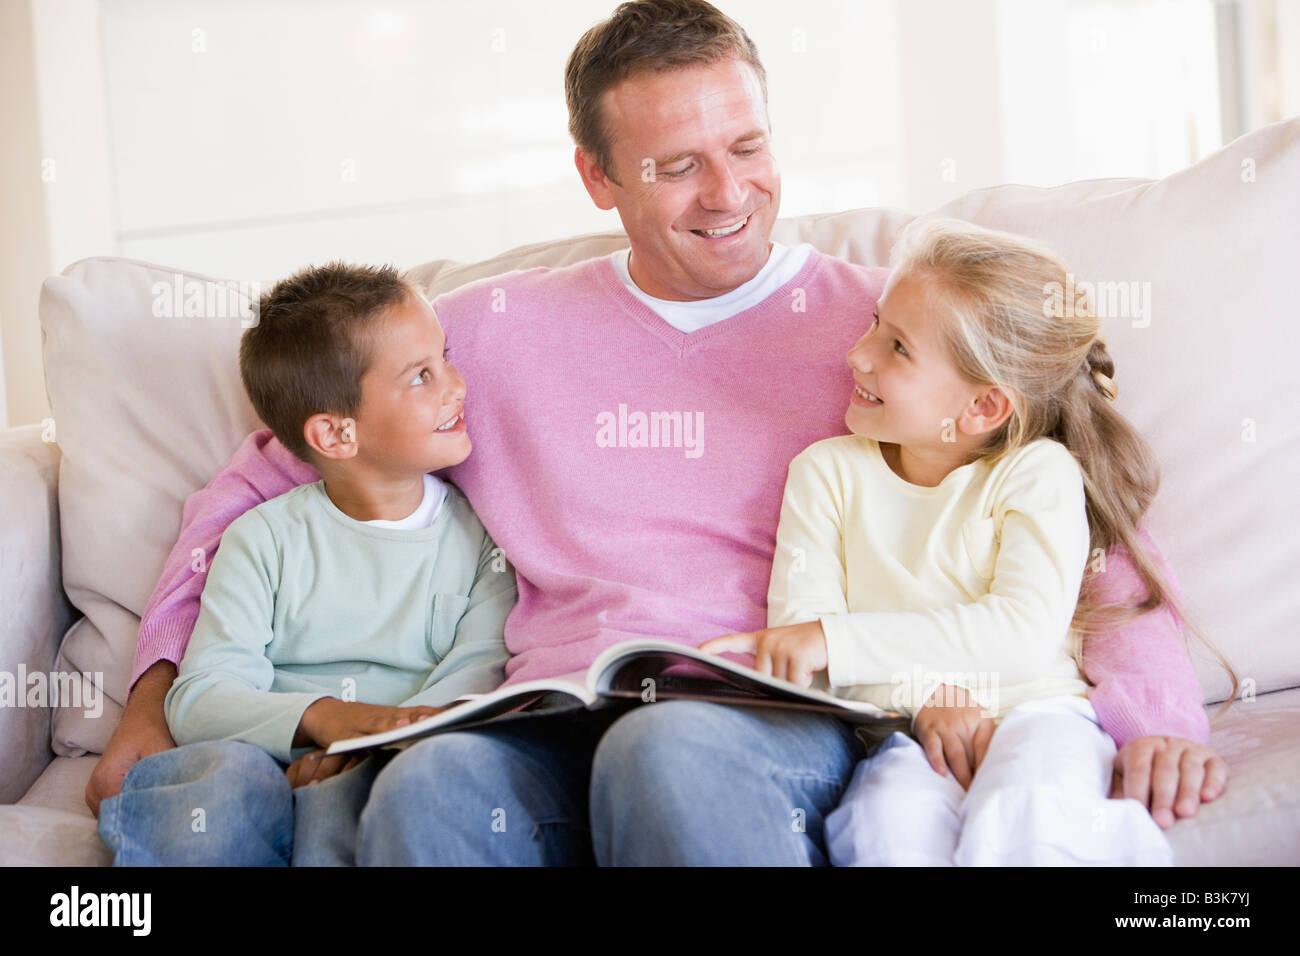 L'homme et de deux enfants assis dans la salle de séjour reading book and smiling Photo Stock